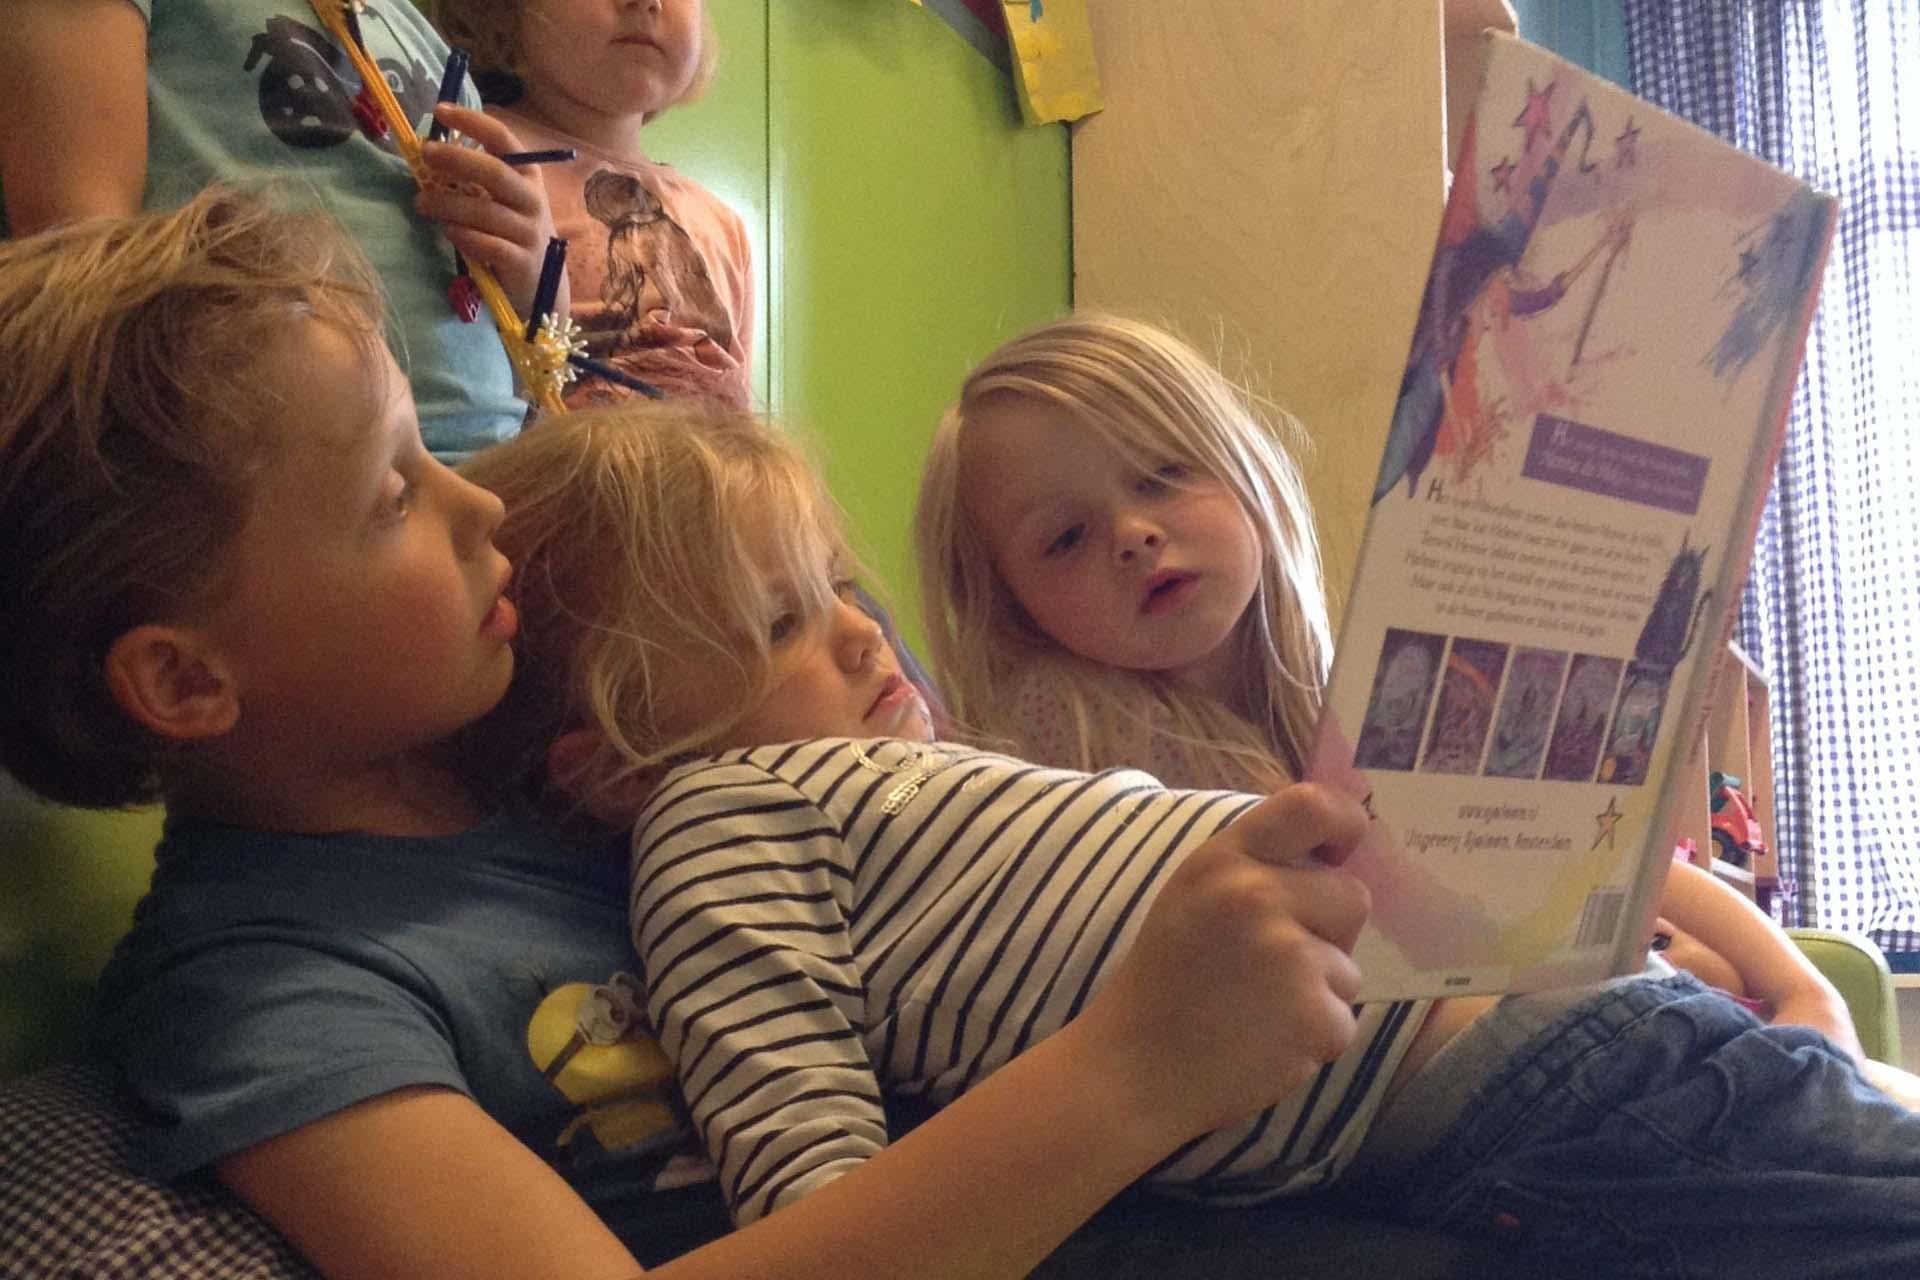 Peuterspeelzaal Boschkabouter   Kinderopvang Op Stoom